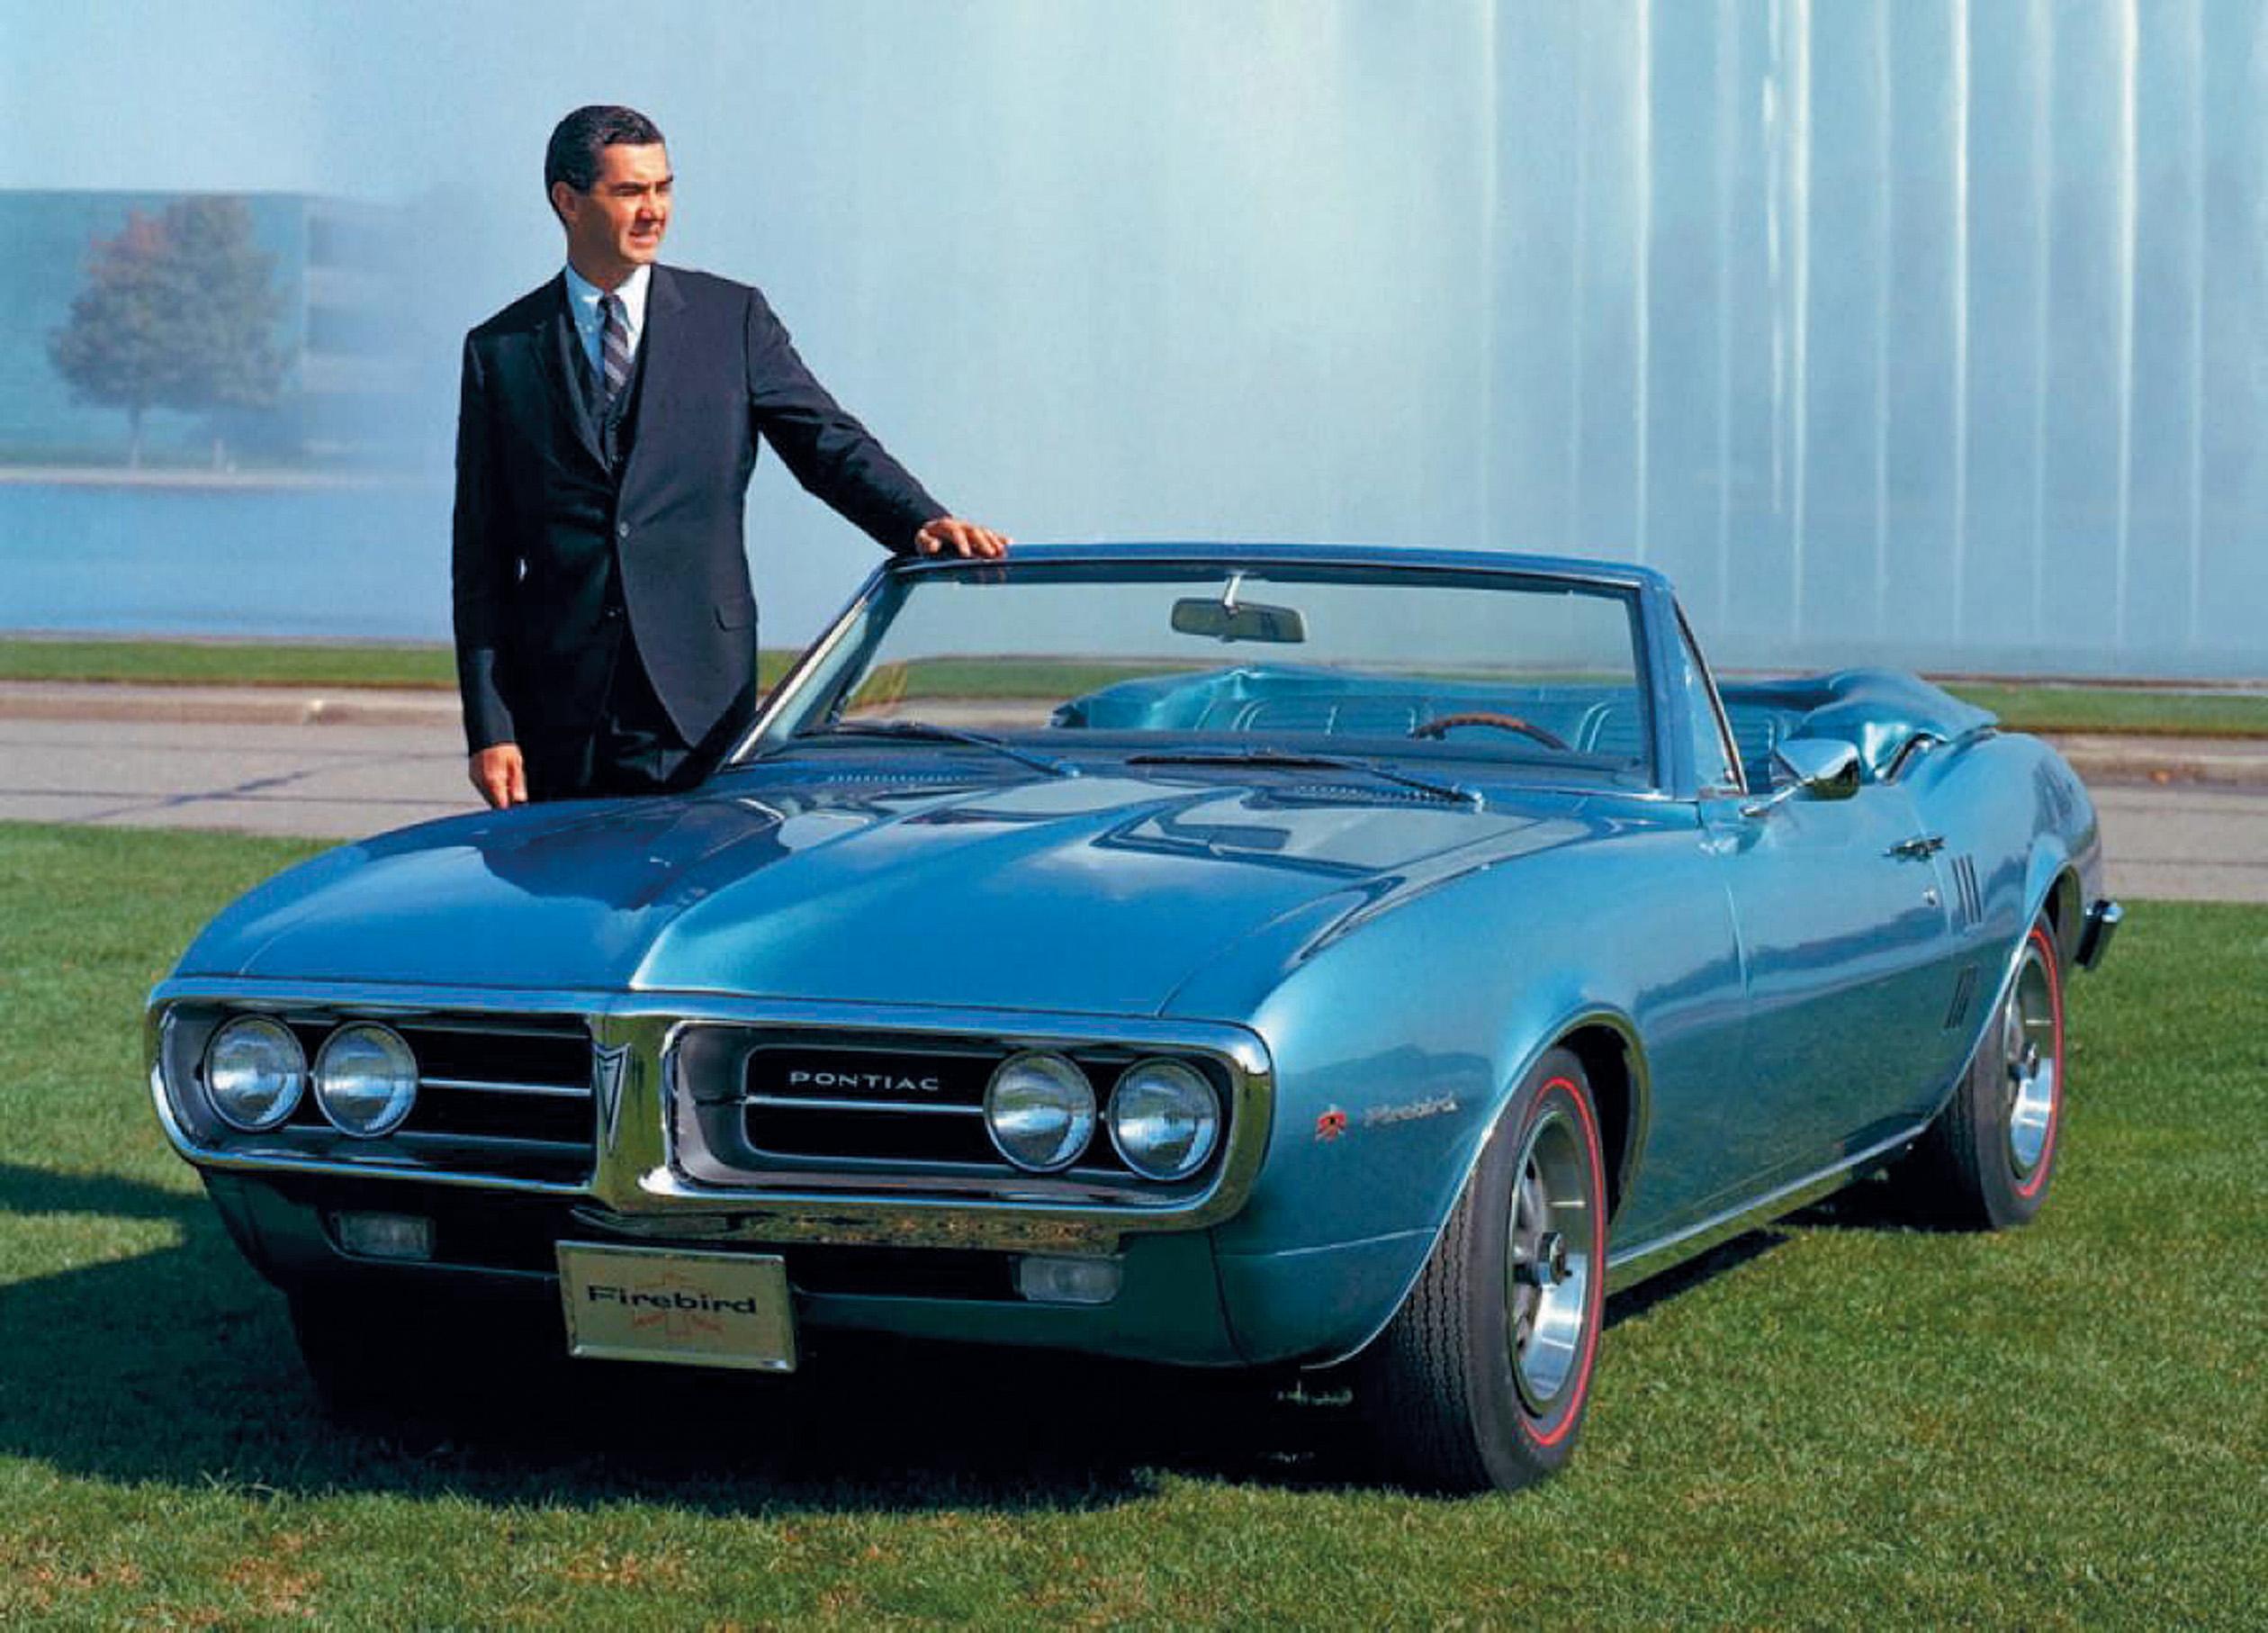 DeLorean kunne stolt posere ved siden av den nye pony car fra Pontiac, nemlig Firebird fra 1967.